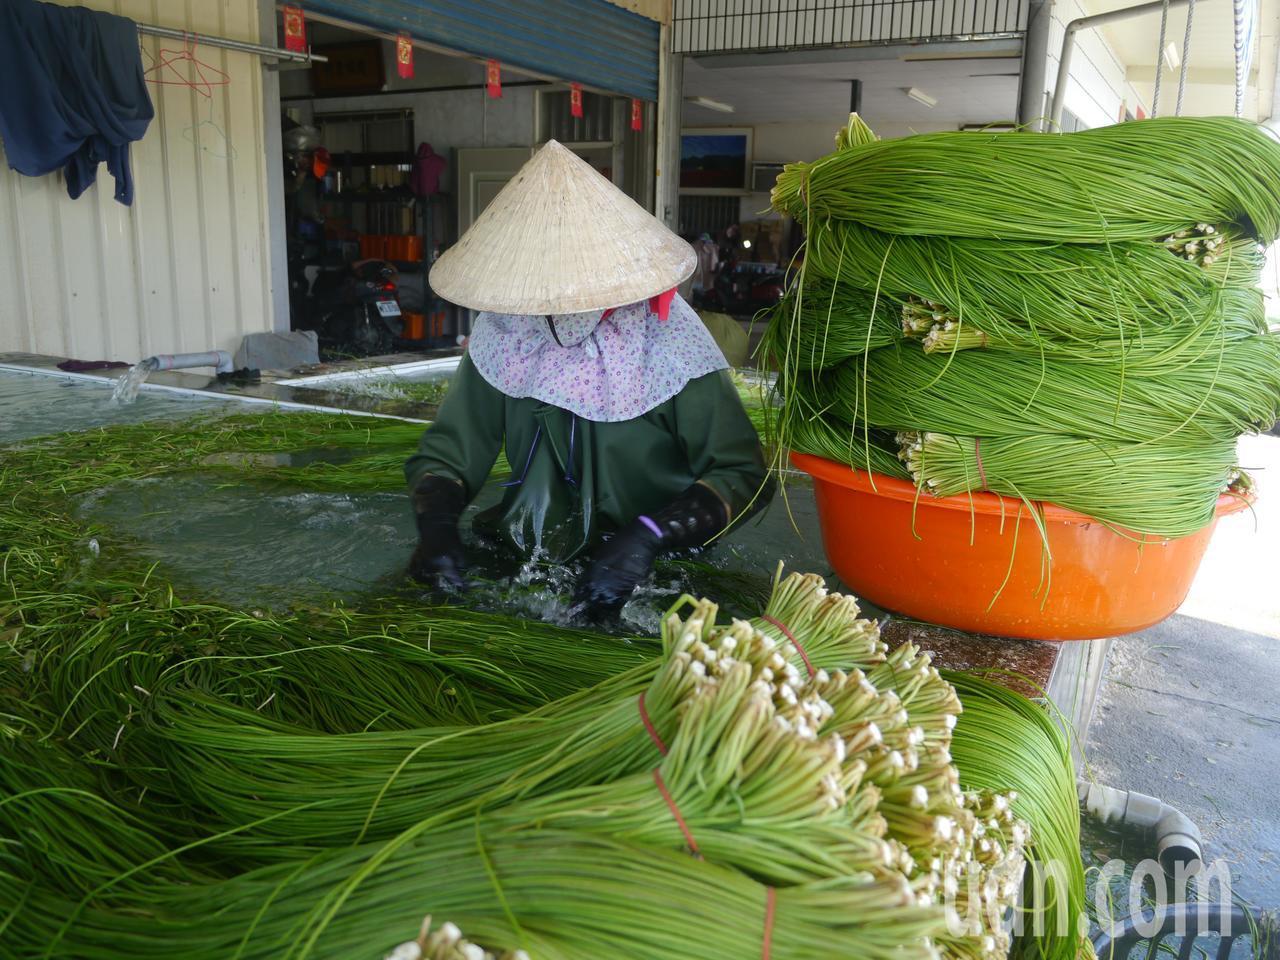 採收後,野蓮送往清水池進行整理與包裝。記者徐白櫻/攝影